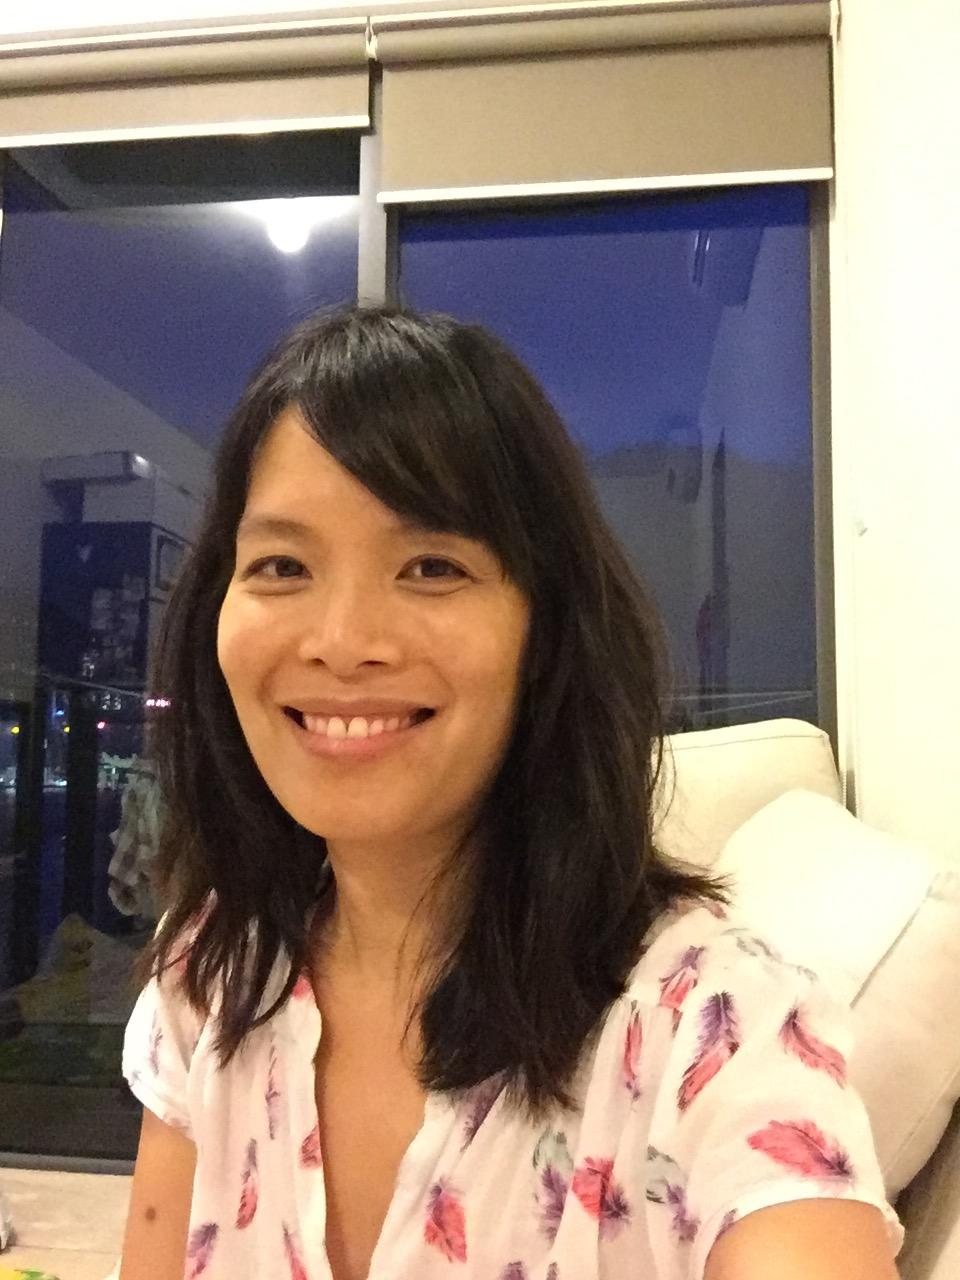 Sharon Tang